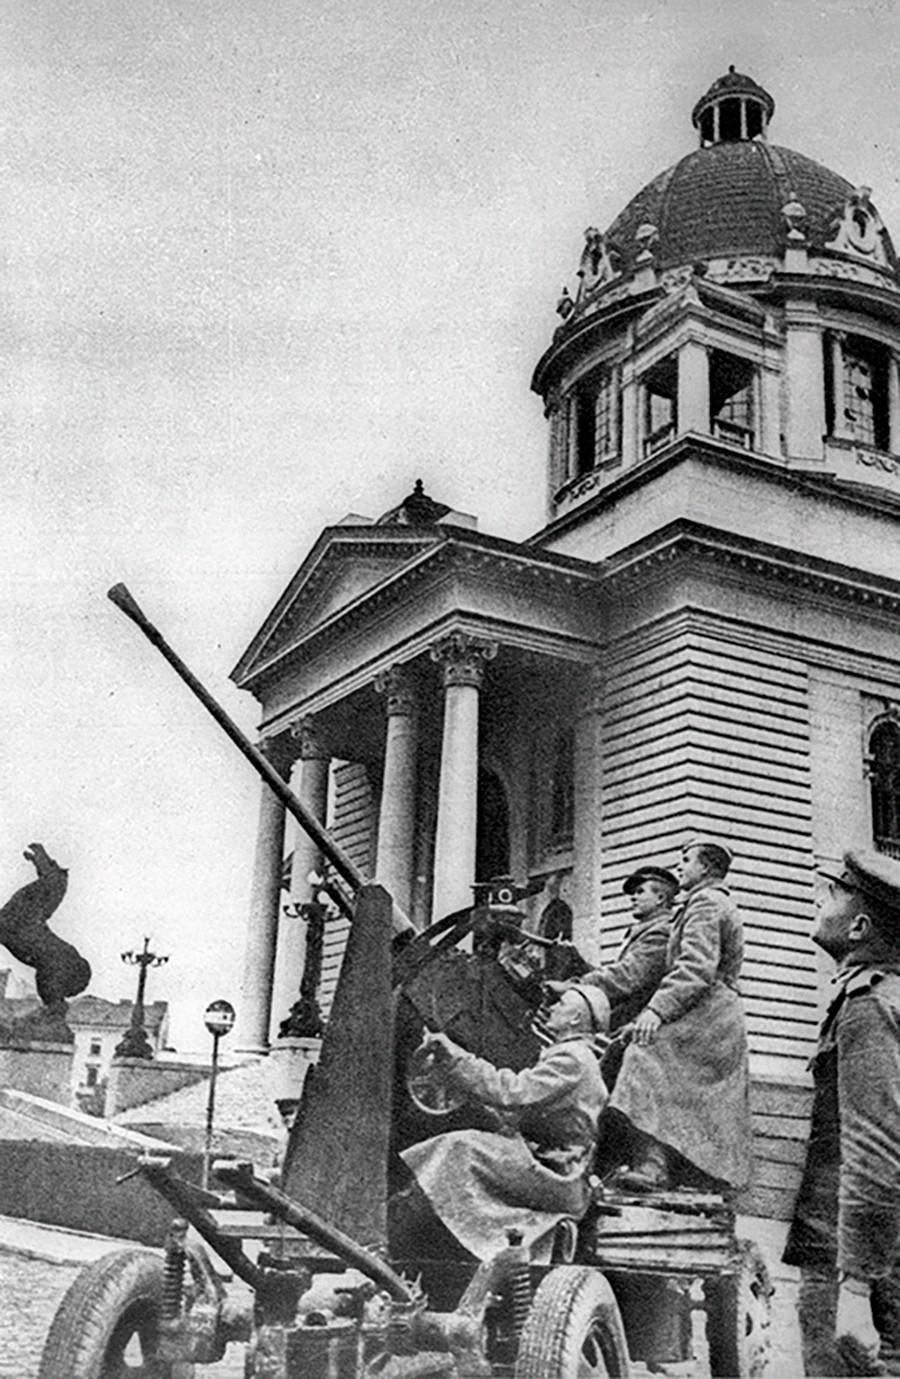 国民議会議事堂を空襲から守るソビエト軍の砲兵ら